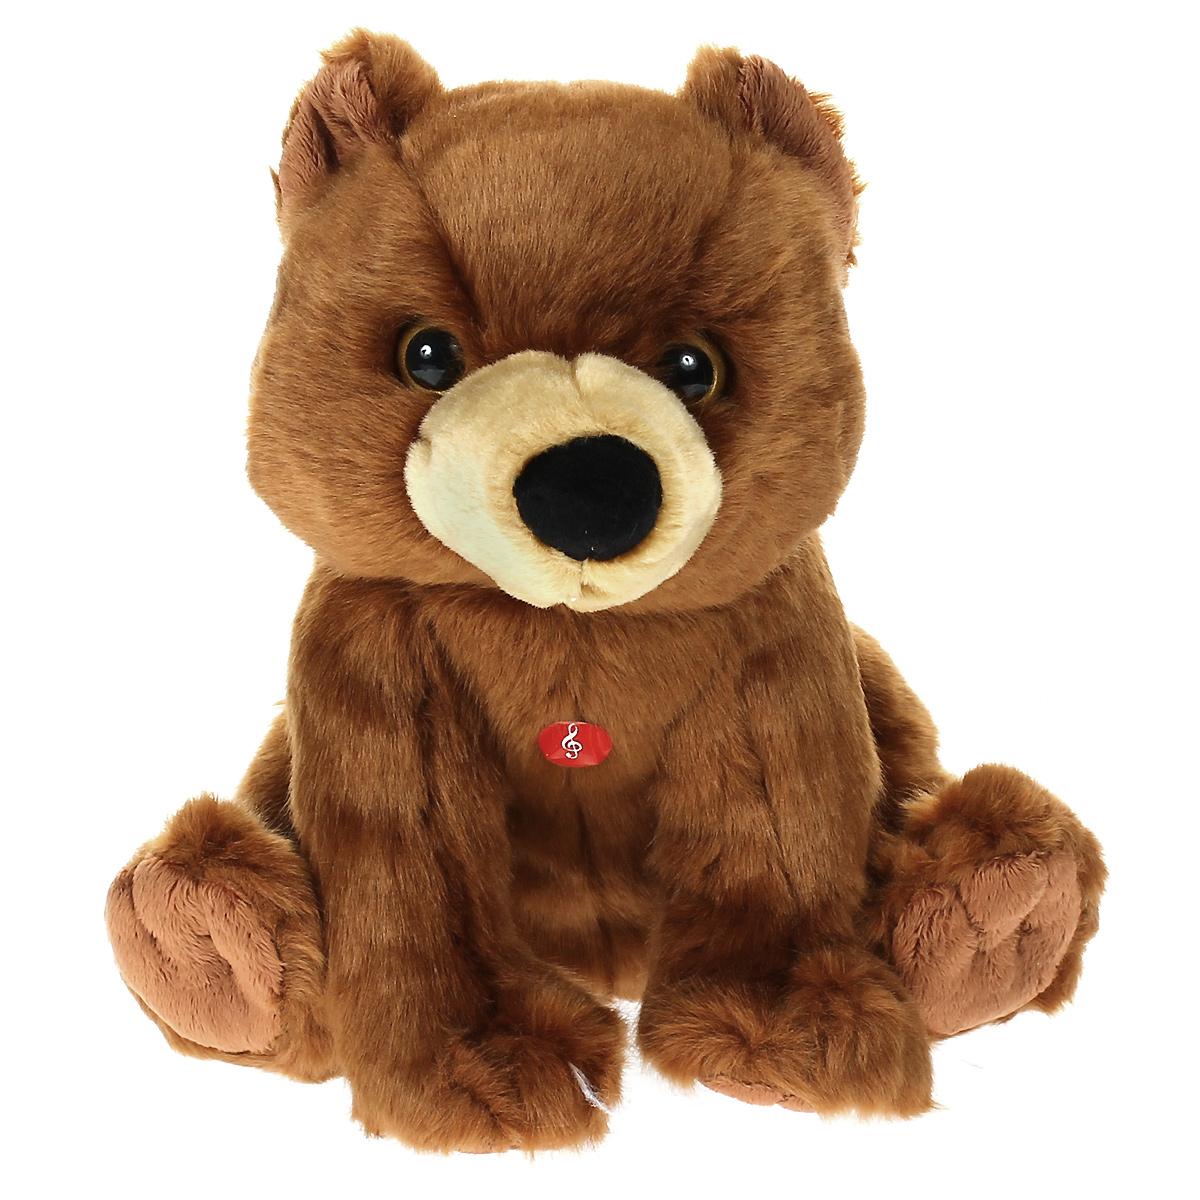 Мягкая озвученная игрушка Wiki Zoo Медведь, 23 см7579Мягкая озвученная игрушка Wiki Zoo Медведь вызовет улыбку у каждого, кто ее увидит. Она выполнена из приятного на ощупь текстильного материала коричневого цвета в виде симпатичного мишки. Если нажать ему на грудь, он расскажет ребенку интересные факты о своей среде обитания, любимой еде, образе жизни и многом другом. В комплект также входит буклет с познавательными фактами о медведях. Игрушка подарит своему обладателю хорошее настроение и позволит познакомиться с животным в игровой форме. С мягкой игрушкой WikiZoo ребенок действительно познает мир, играя!